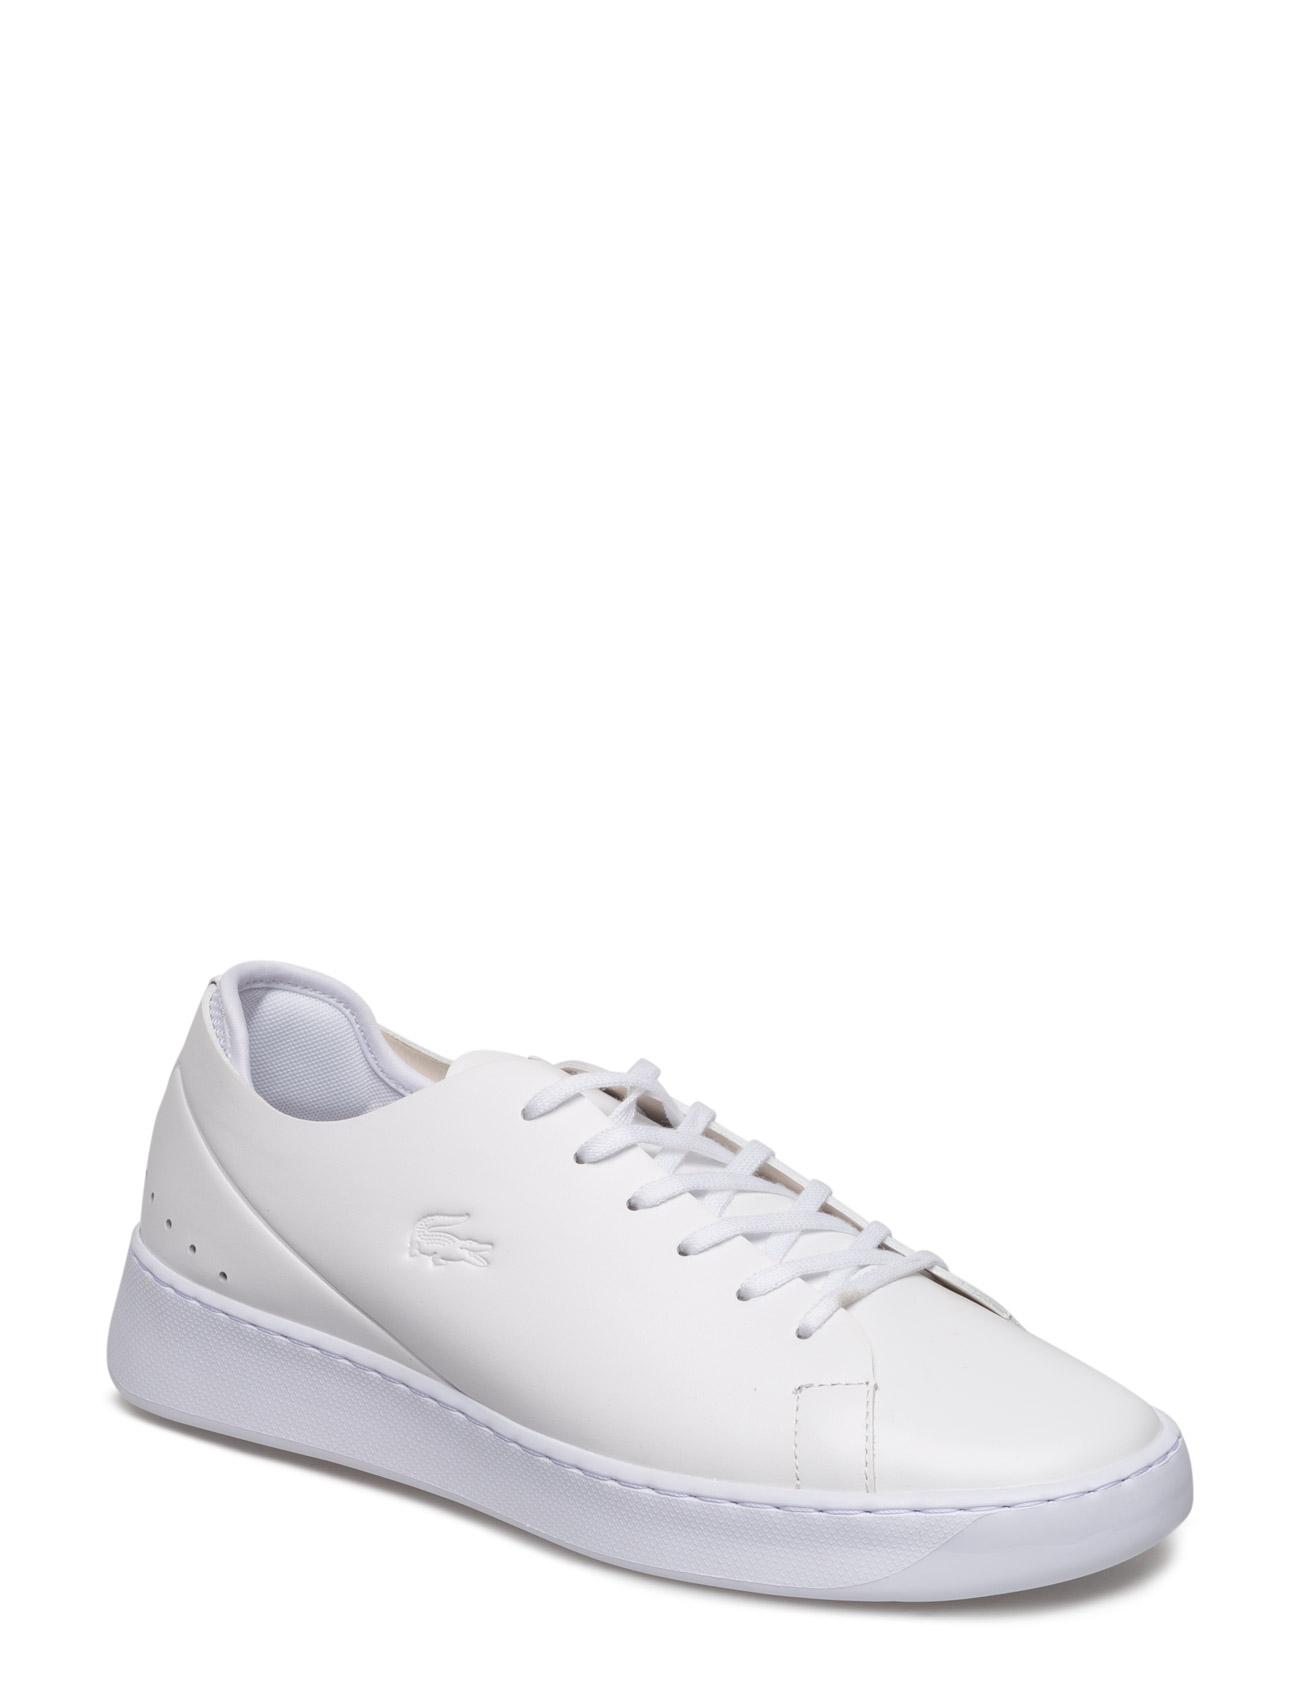 Eyyla 317 2 fra lacoste shoes på boozt.com dk